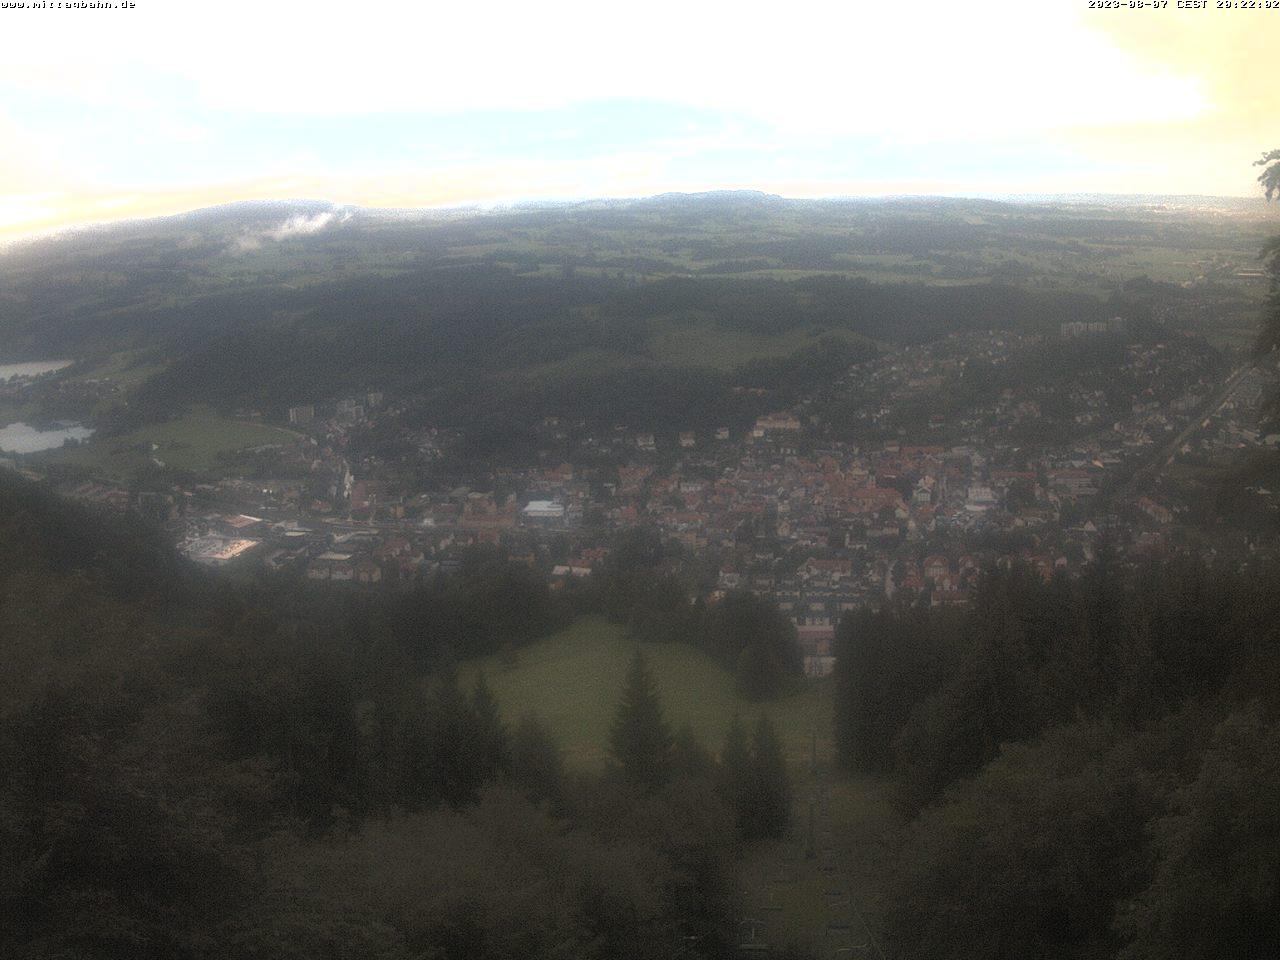 Webcam Skigebied Immenstadt - Mittag von der Mittelstation - Allg�uer Alpen